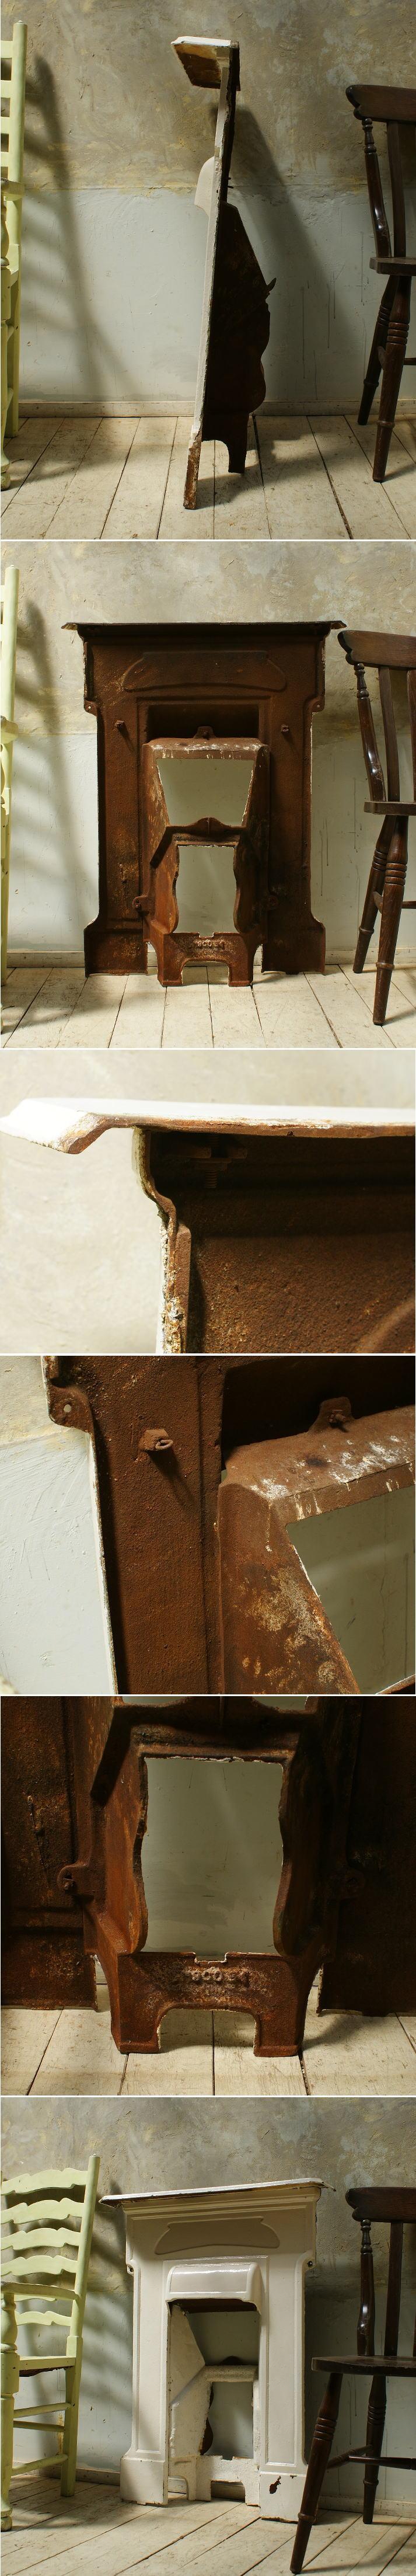 イギリス アンティーク ファイヤープレイス 暖炉 ディスプレイ 5667